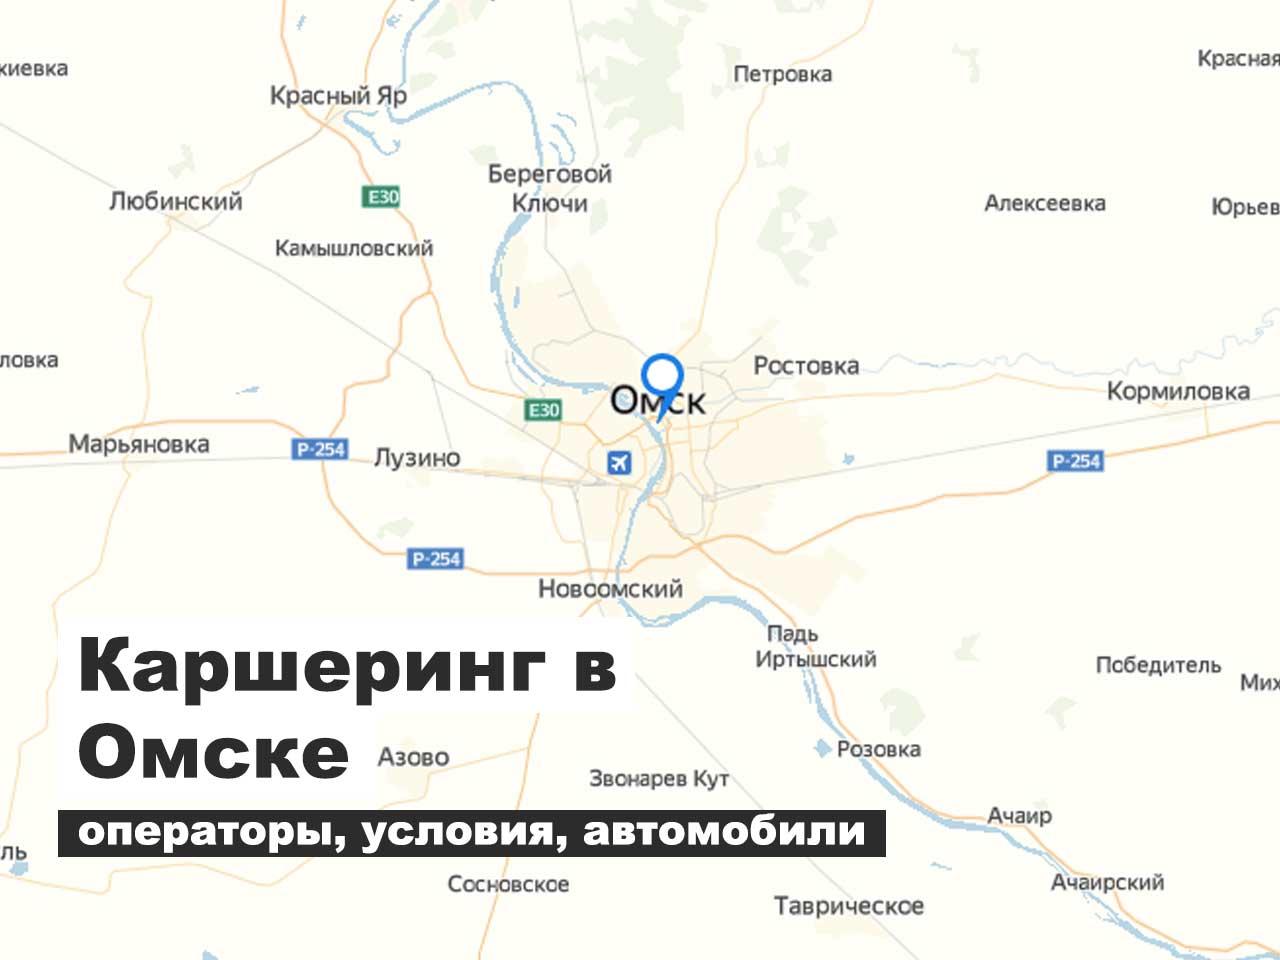 Каршеринг в Омске